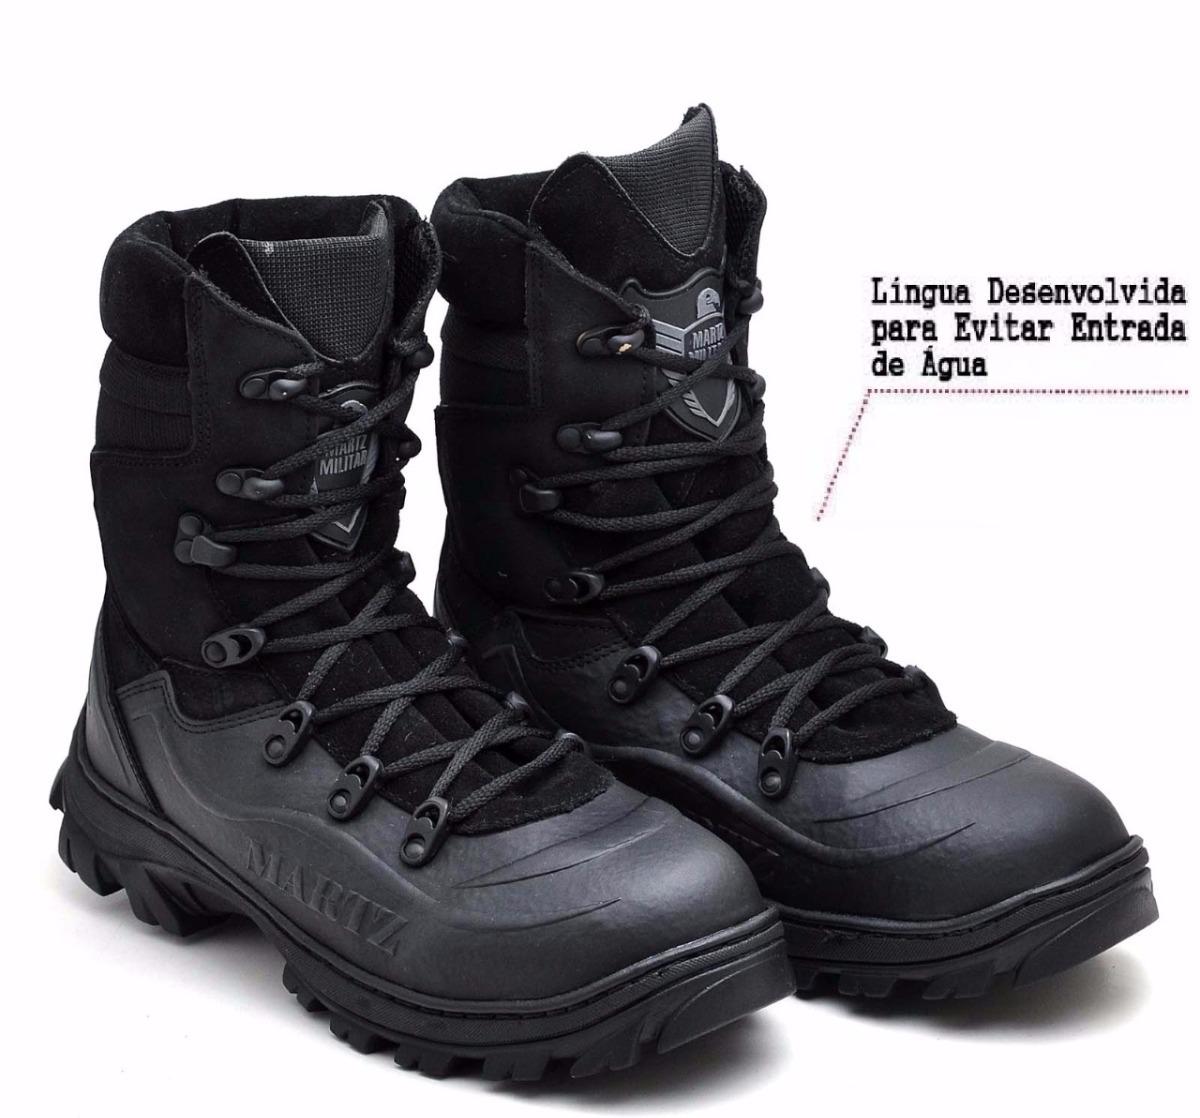 116958b17 bota militar coturno tático 100% impermeavel bombeiro samu. Carregando zoom.